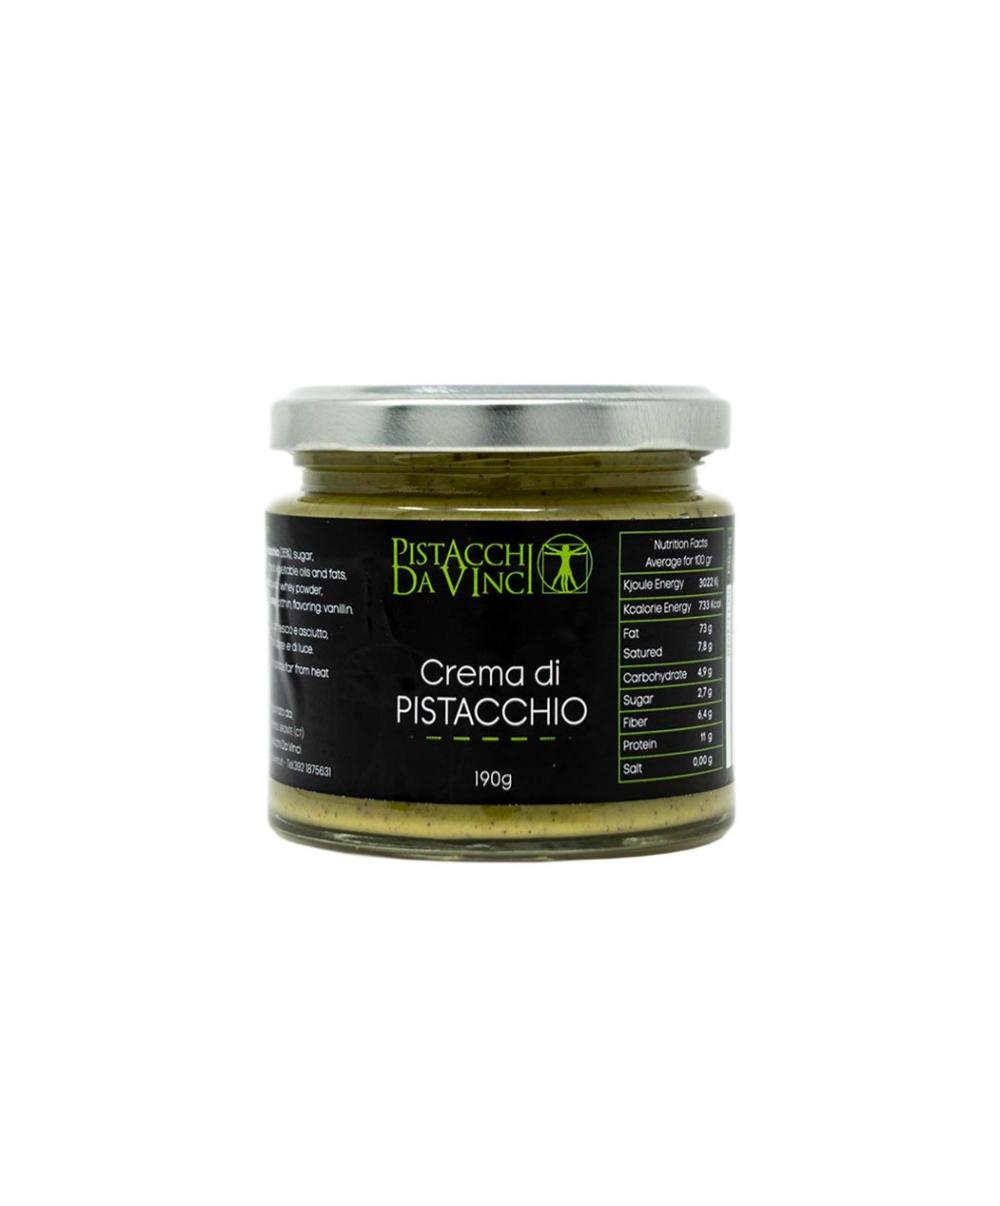 Crema di Pistacchio - Pistacchi Da Vinci Bronte